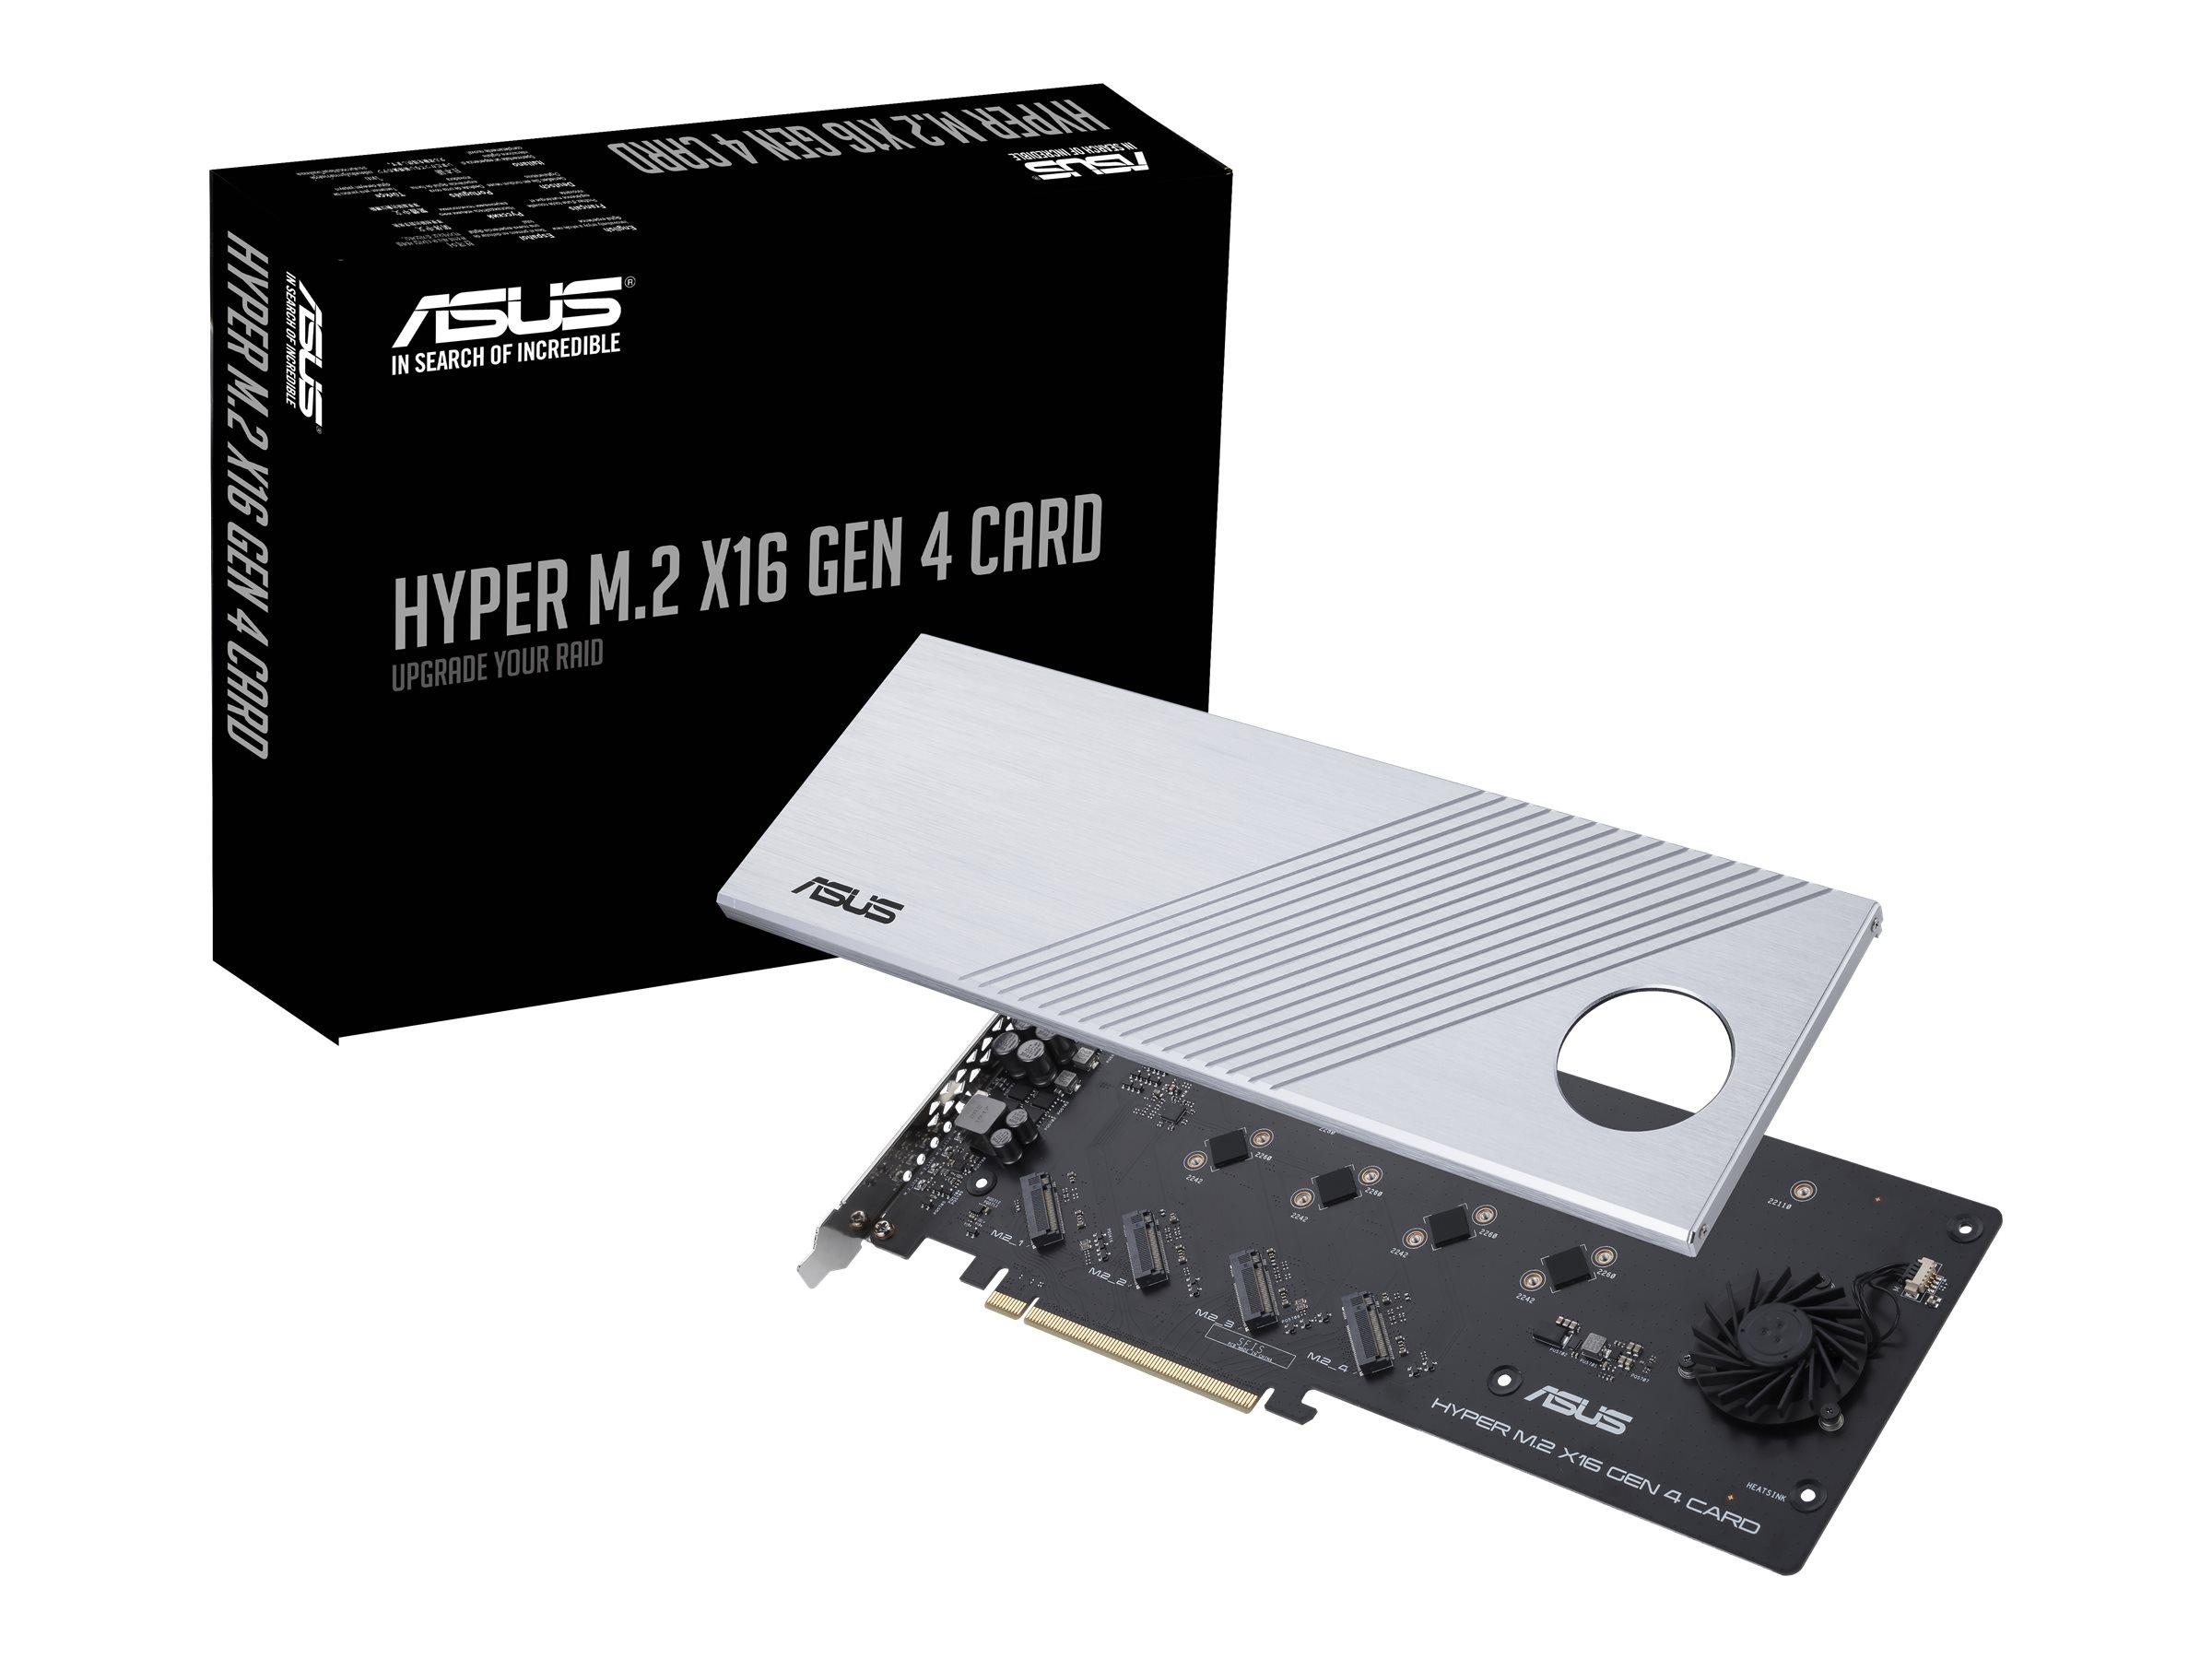 Vorschau: ASUS HYPER M.2 X16 GEN 4 CARD - Schnittstellenadapter